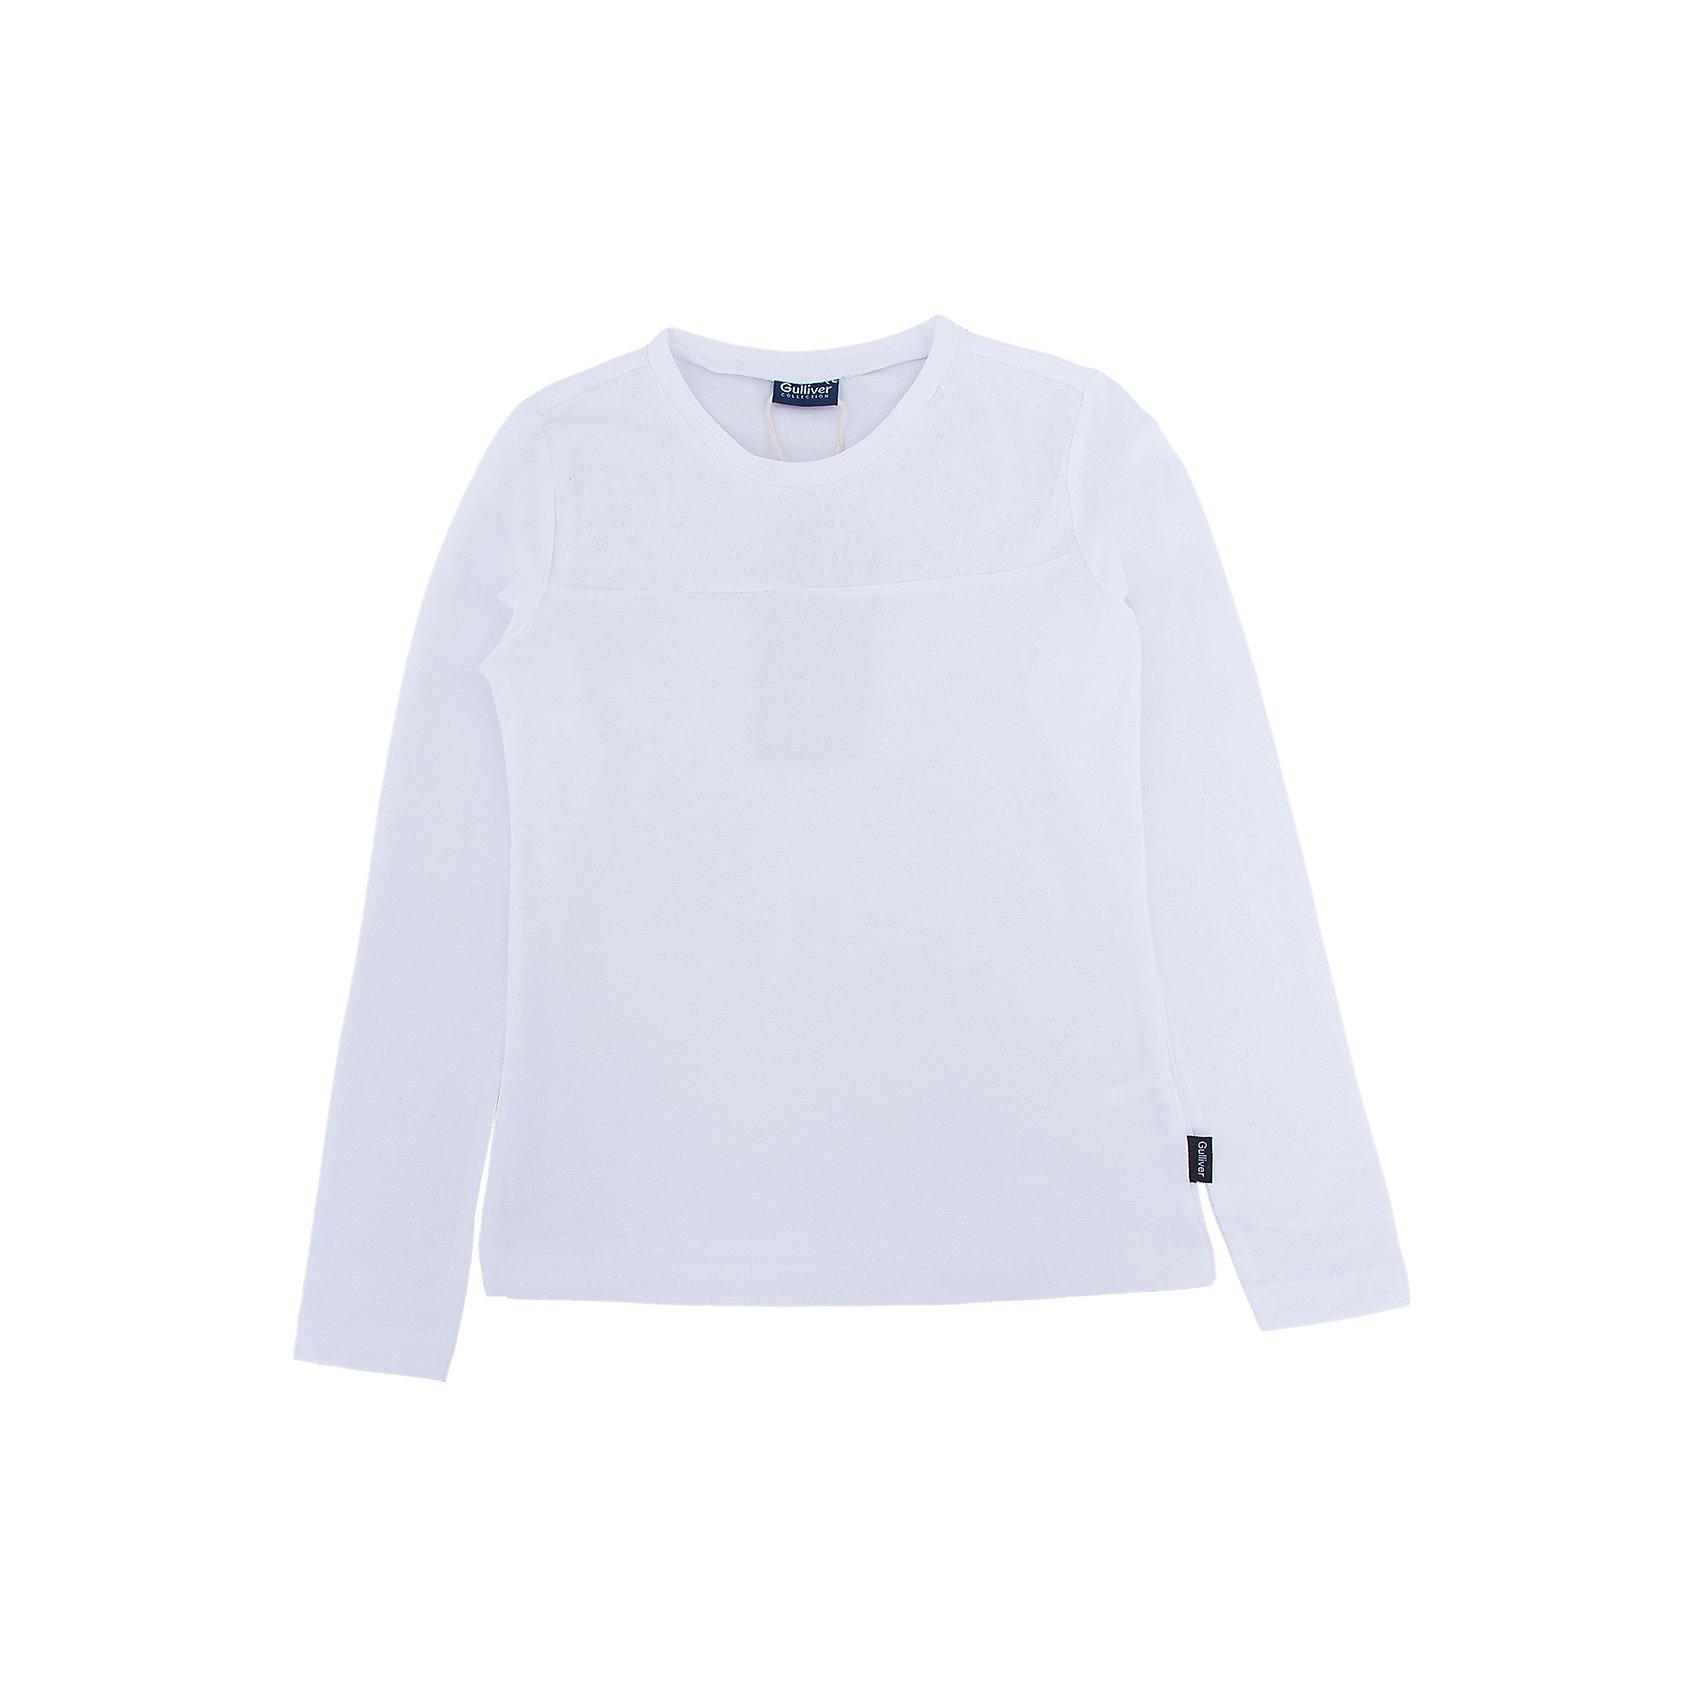 Блузка для девочки GulliverБлузки и рубашки<br>Блузка для девочки от известного бренда Gulliver<br>Школьные блузки для девочек могут не иметь пышных рюш и оборок, при этом выглядеть очень нарядно, достойно, утонченно. Белая блузка для школы, выполненная из трикотажного полотна с эластаном имеет отрезную кокетку, оформленную мягкой сеткой в мелкий горошек. Это делает модель легкой и изящной. Трикотаж с эластаном не сковывает движений, помогая ребенку быть самим собой.<br>Состав:<br>95% хлопок      5% эластан<br><br>Ширина мм: 186<br>Глубина мм: 87<br>Высота мм: 198<br>Вес г: 197<br>Цвет: белый<br>Возраст от месяцев: 84<br>Возраст до месяцев: 96<br>Пол: Женский<br>Возраст: Детский<br>Размер: 128,152,158,146,140,122,134<br>SKU: 4767859